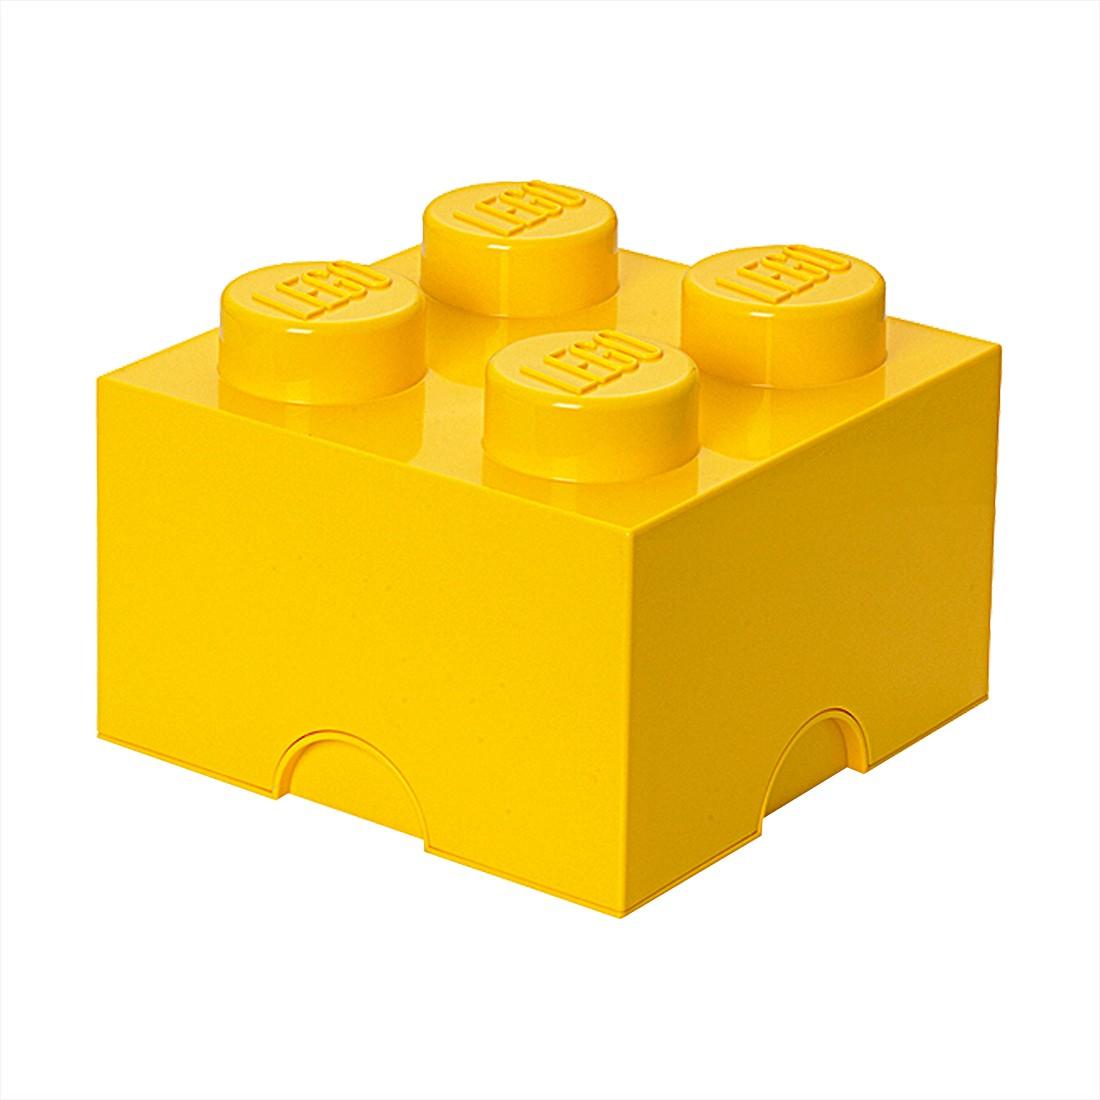 Aufbewahrungsbox Brick – Kunststoff Gelb, Lego online bestellen